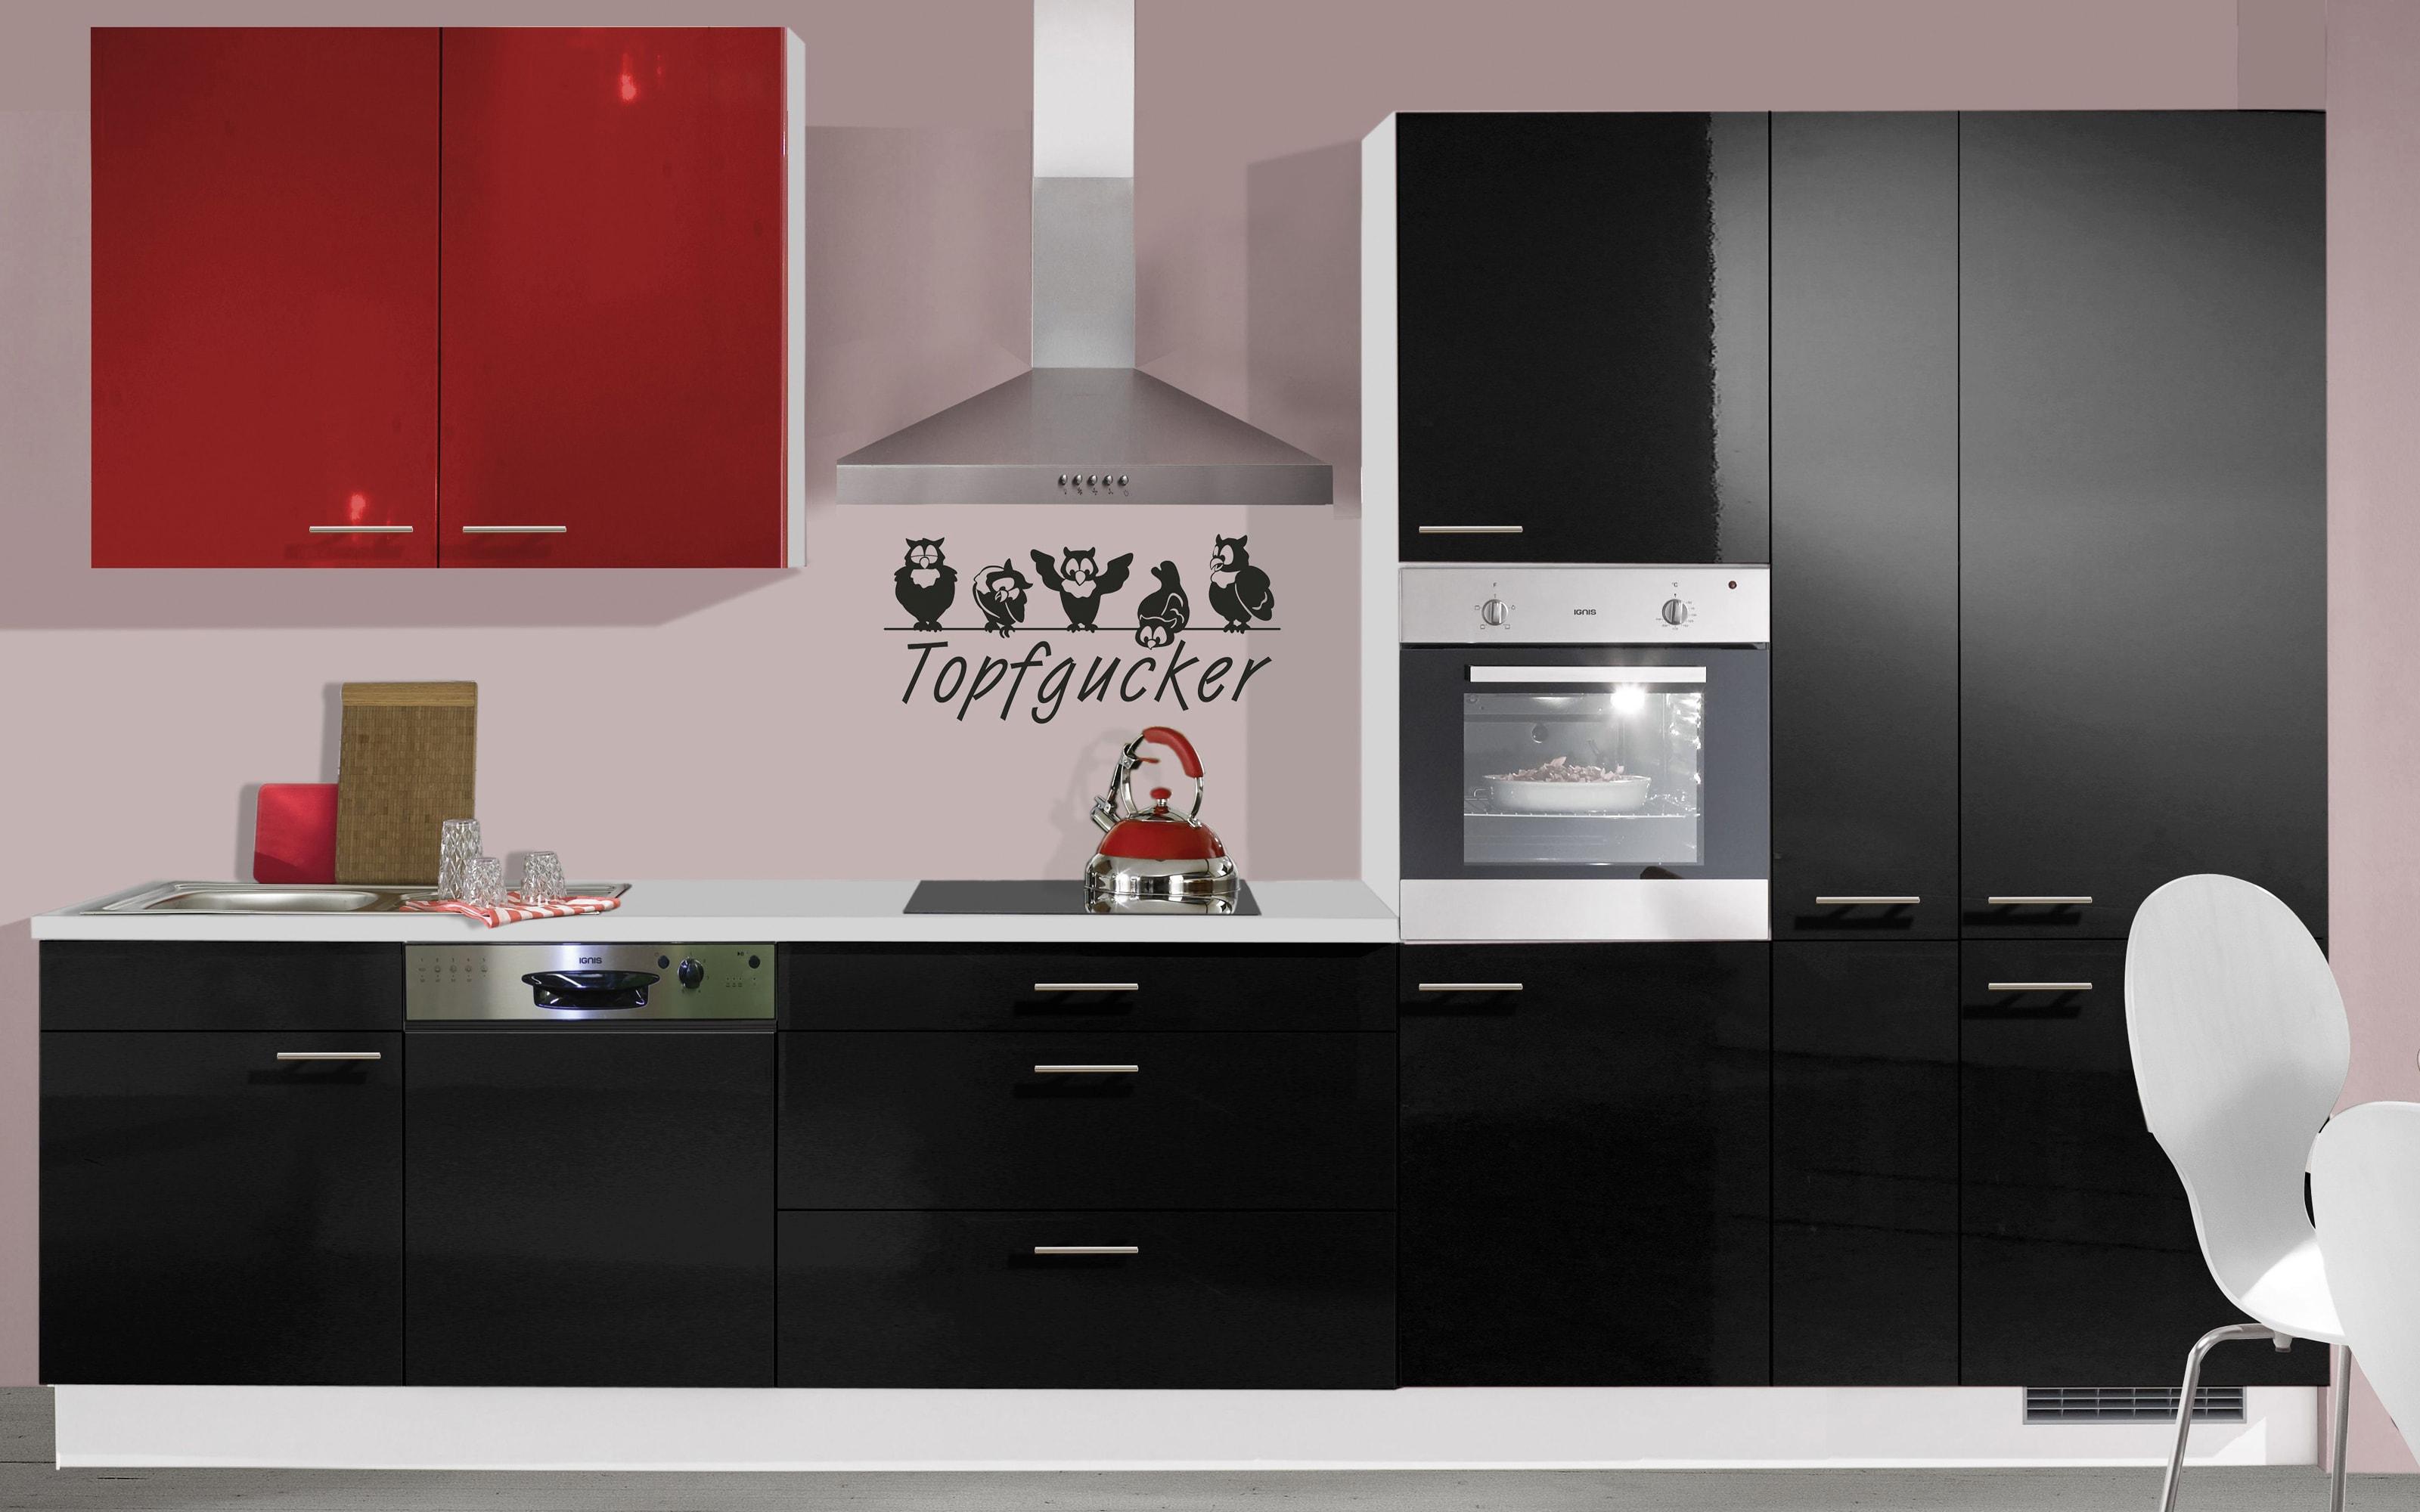 Einbauküche IP4050, schwarz Hochglanz, inklusive Elektrogeräte, inklusive AEG Geschirrspüler